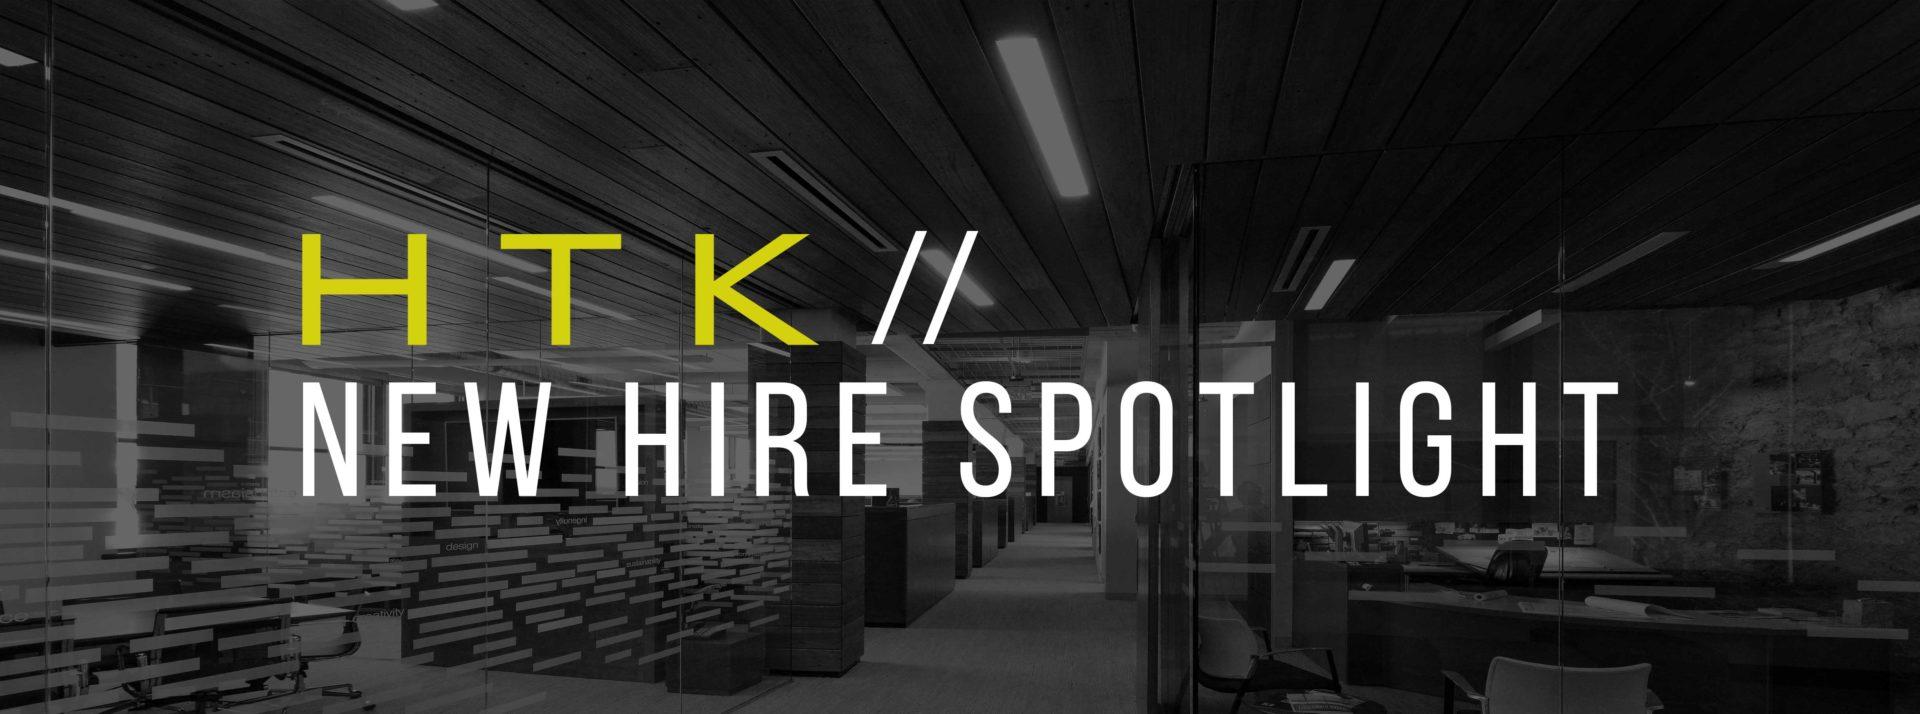 2019 htk new hire spotlight blog post